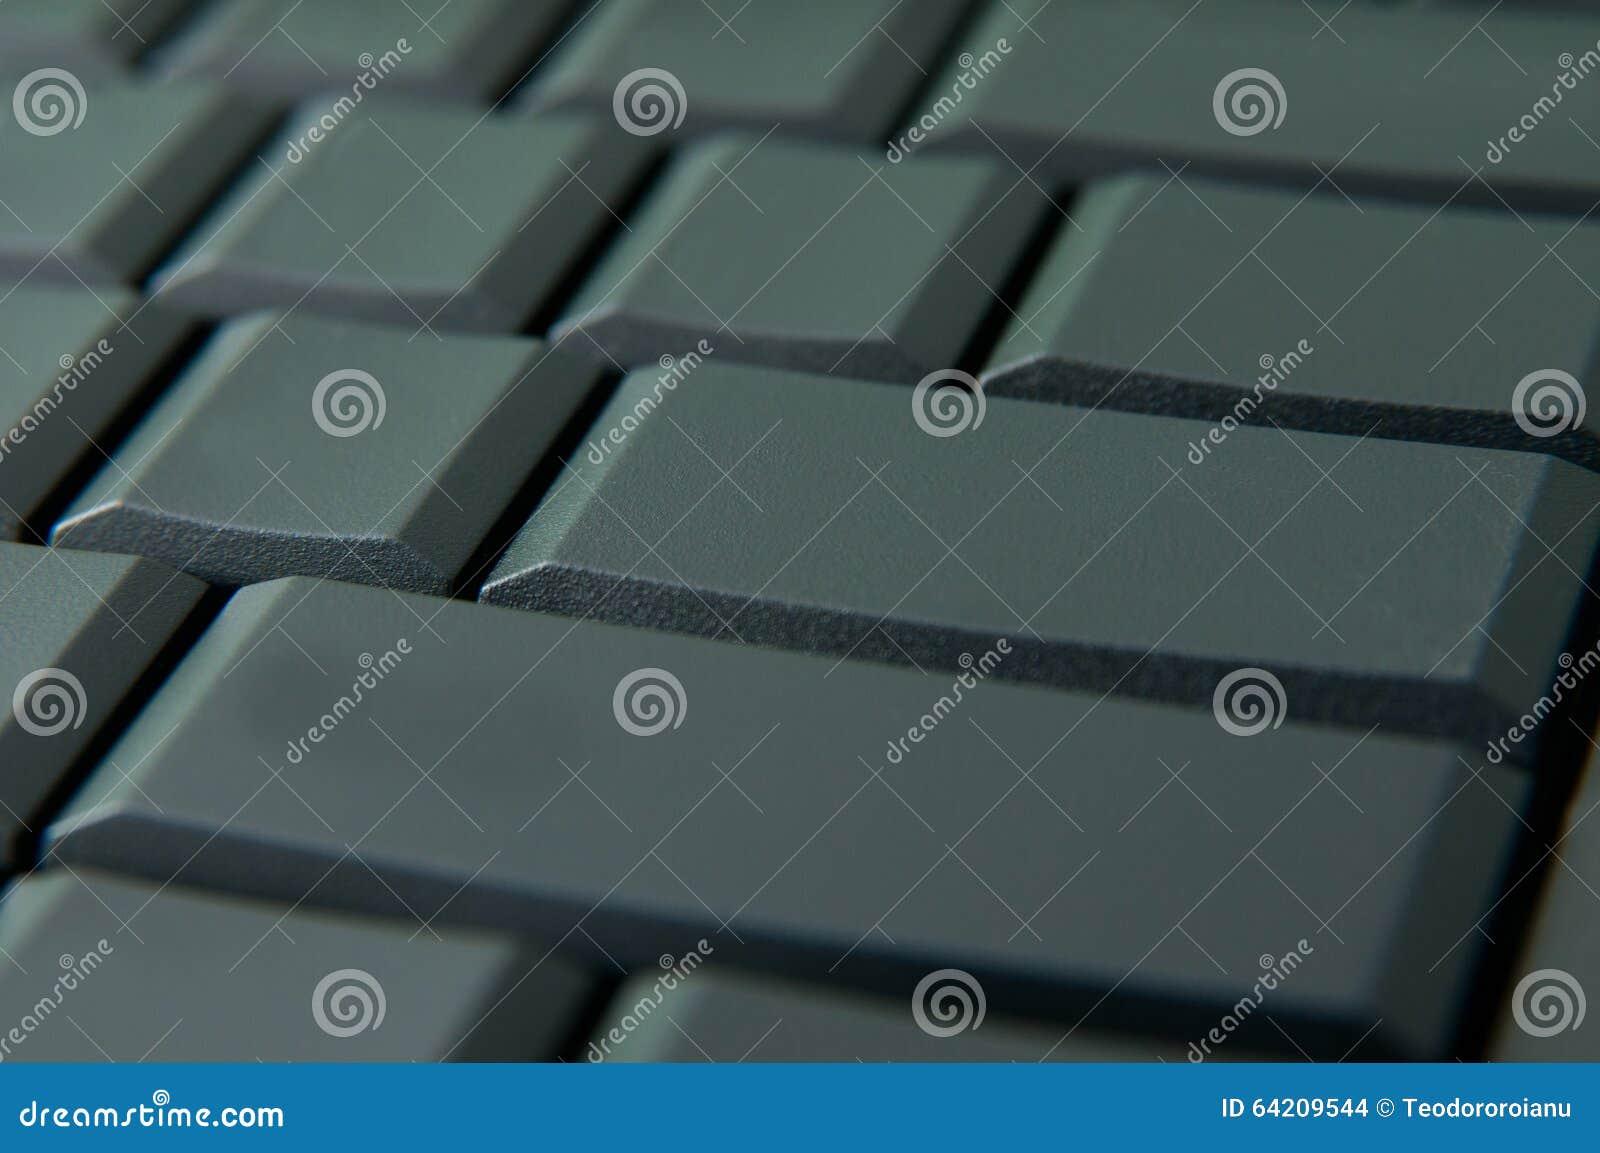 Llaves de teclado vacías